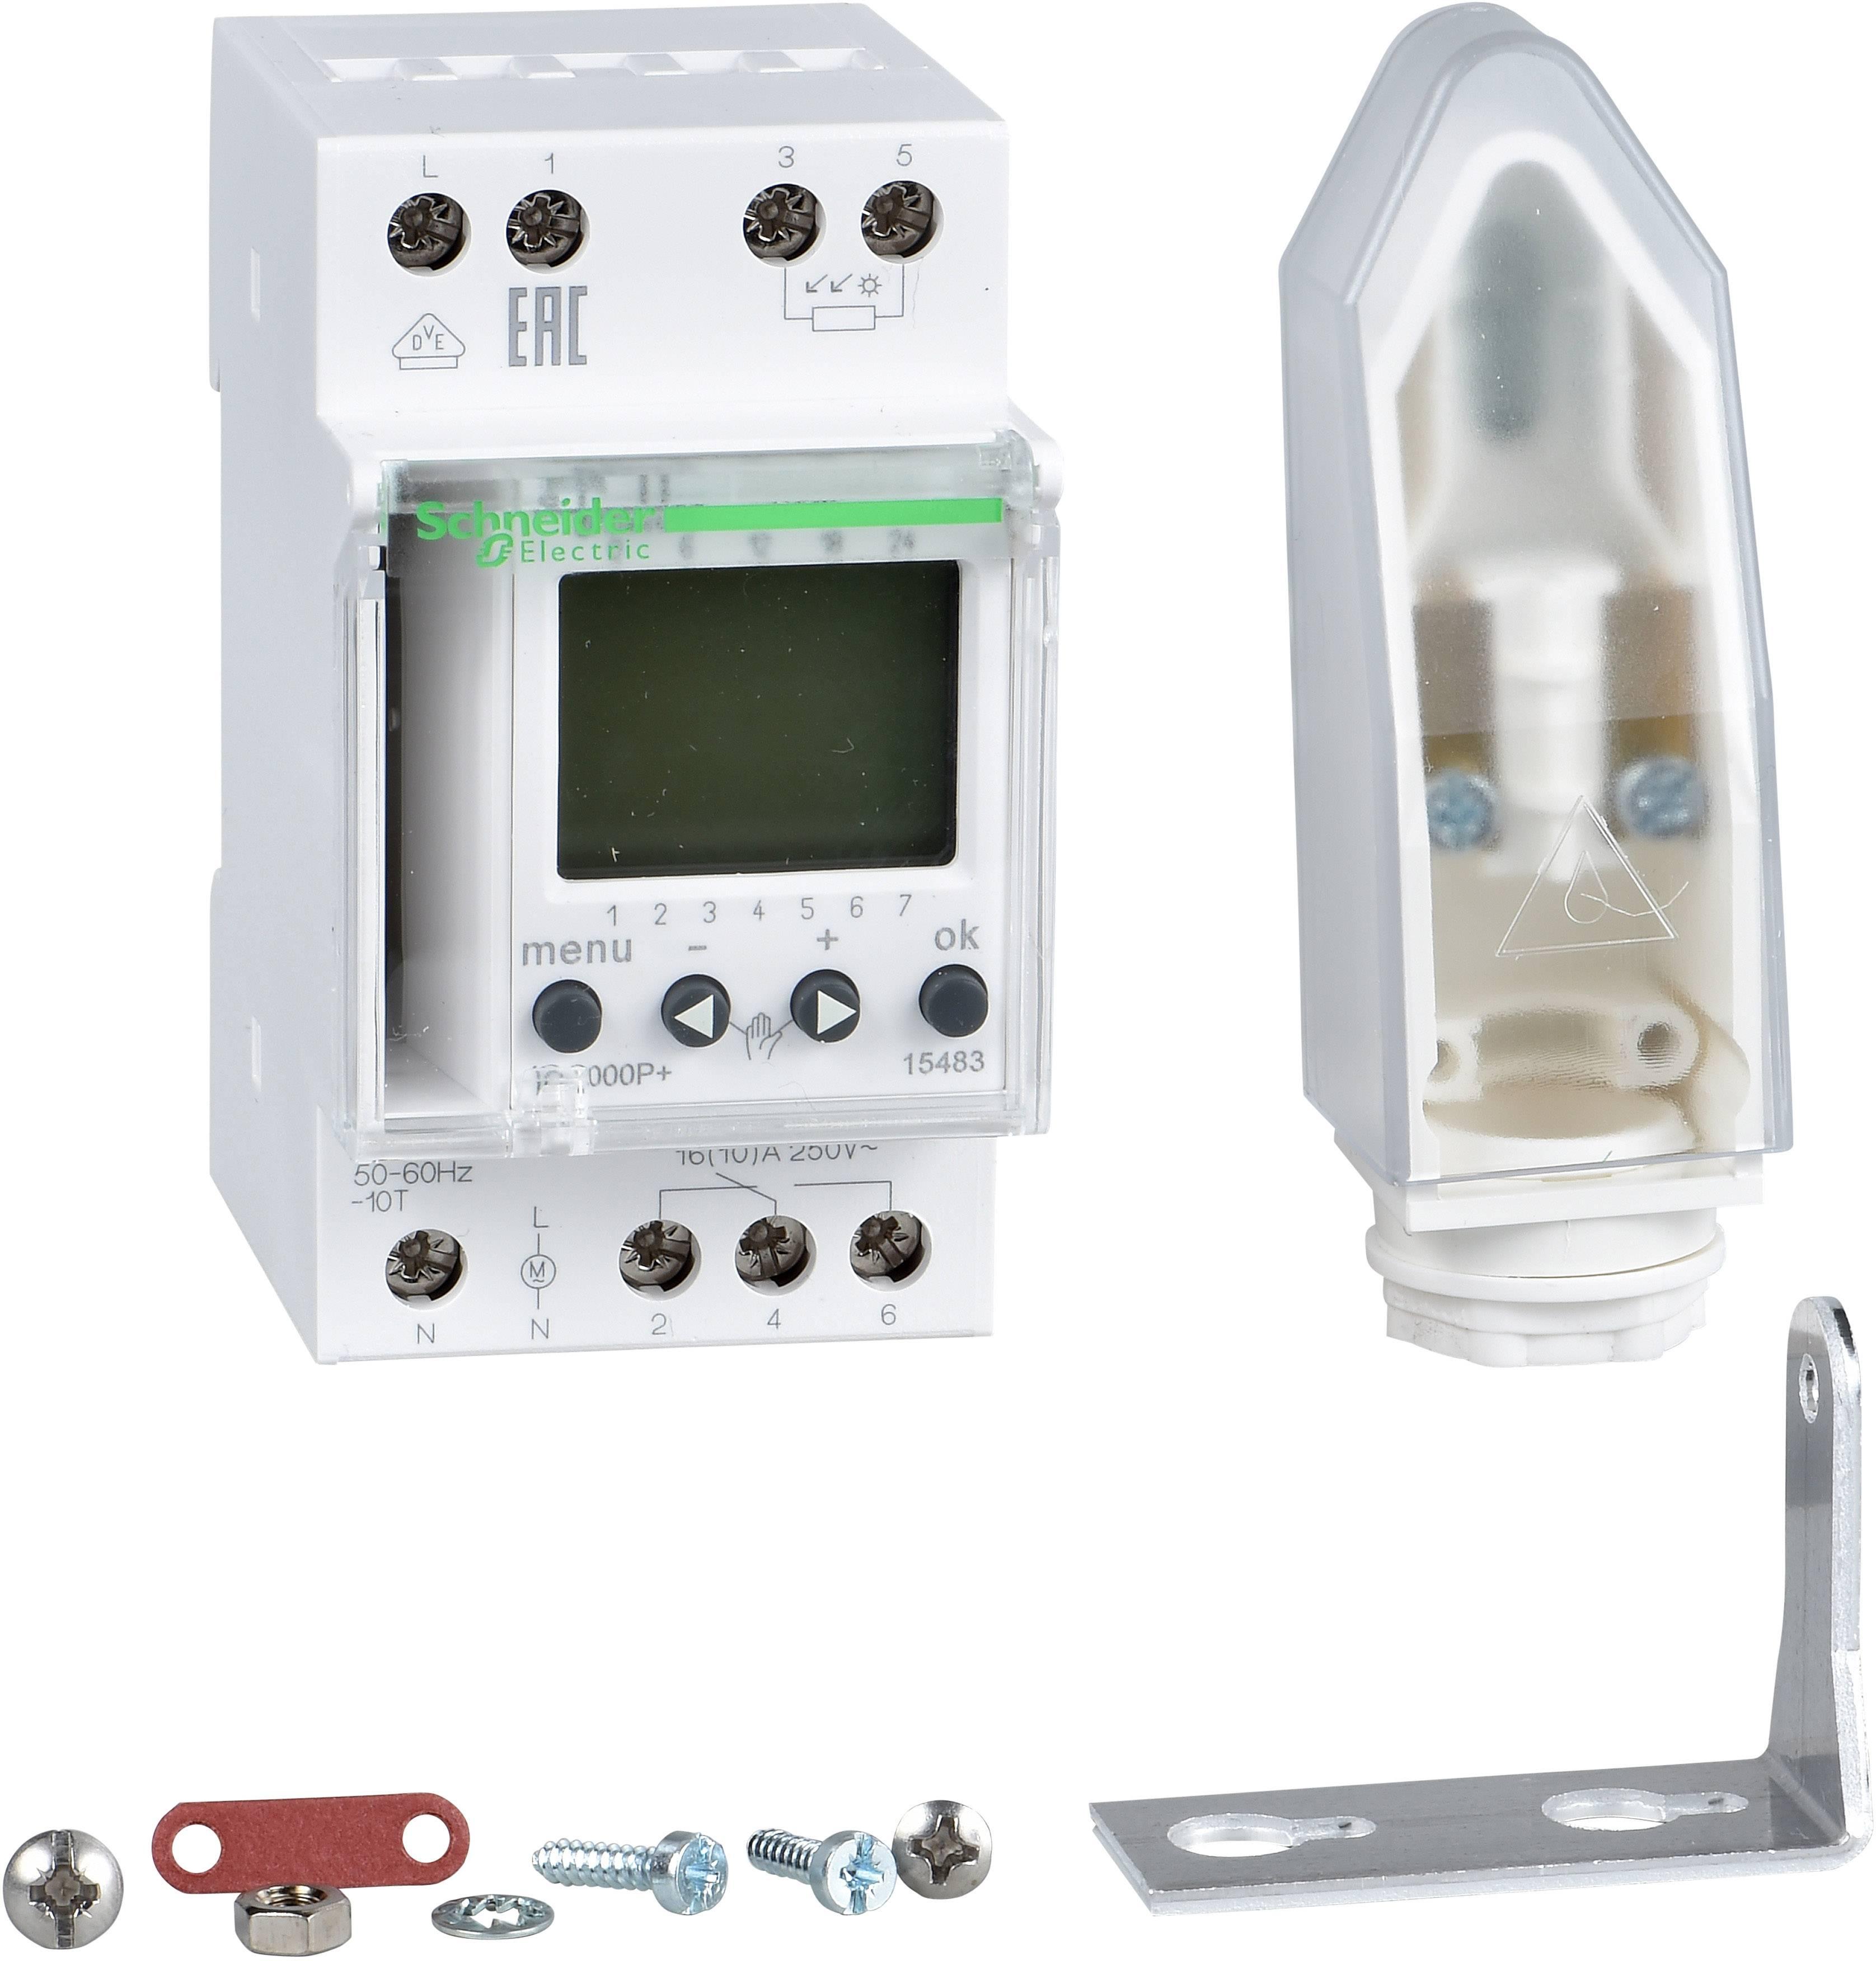 Soumrakový spínač Schneider Electric IC2000P+ 15483 Schneider Electric 15483